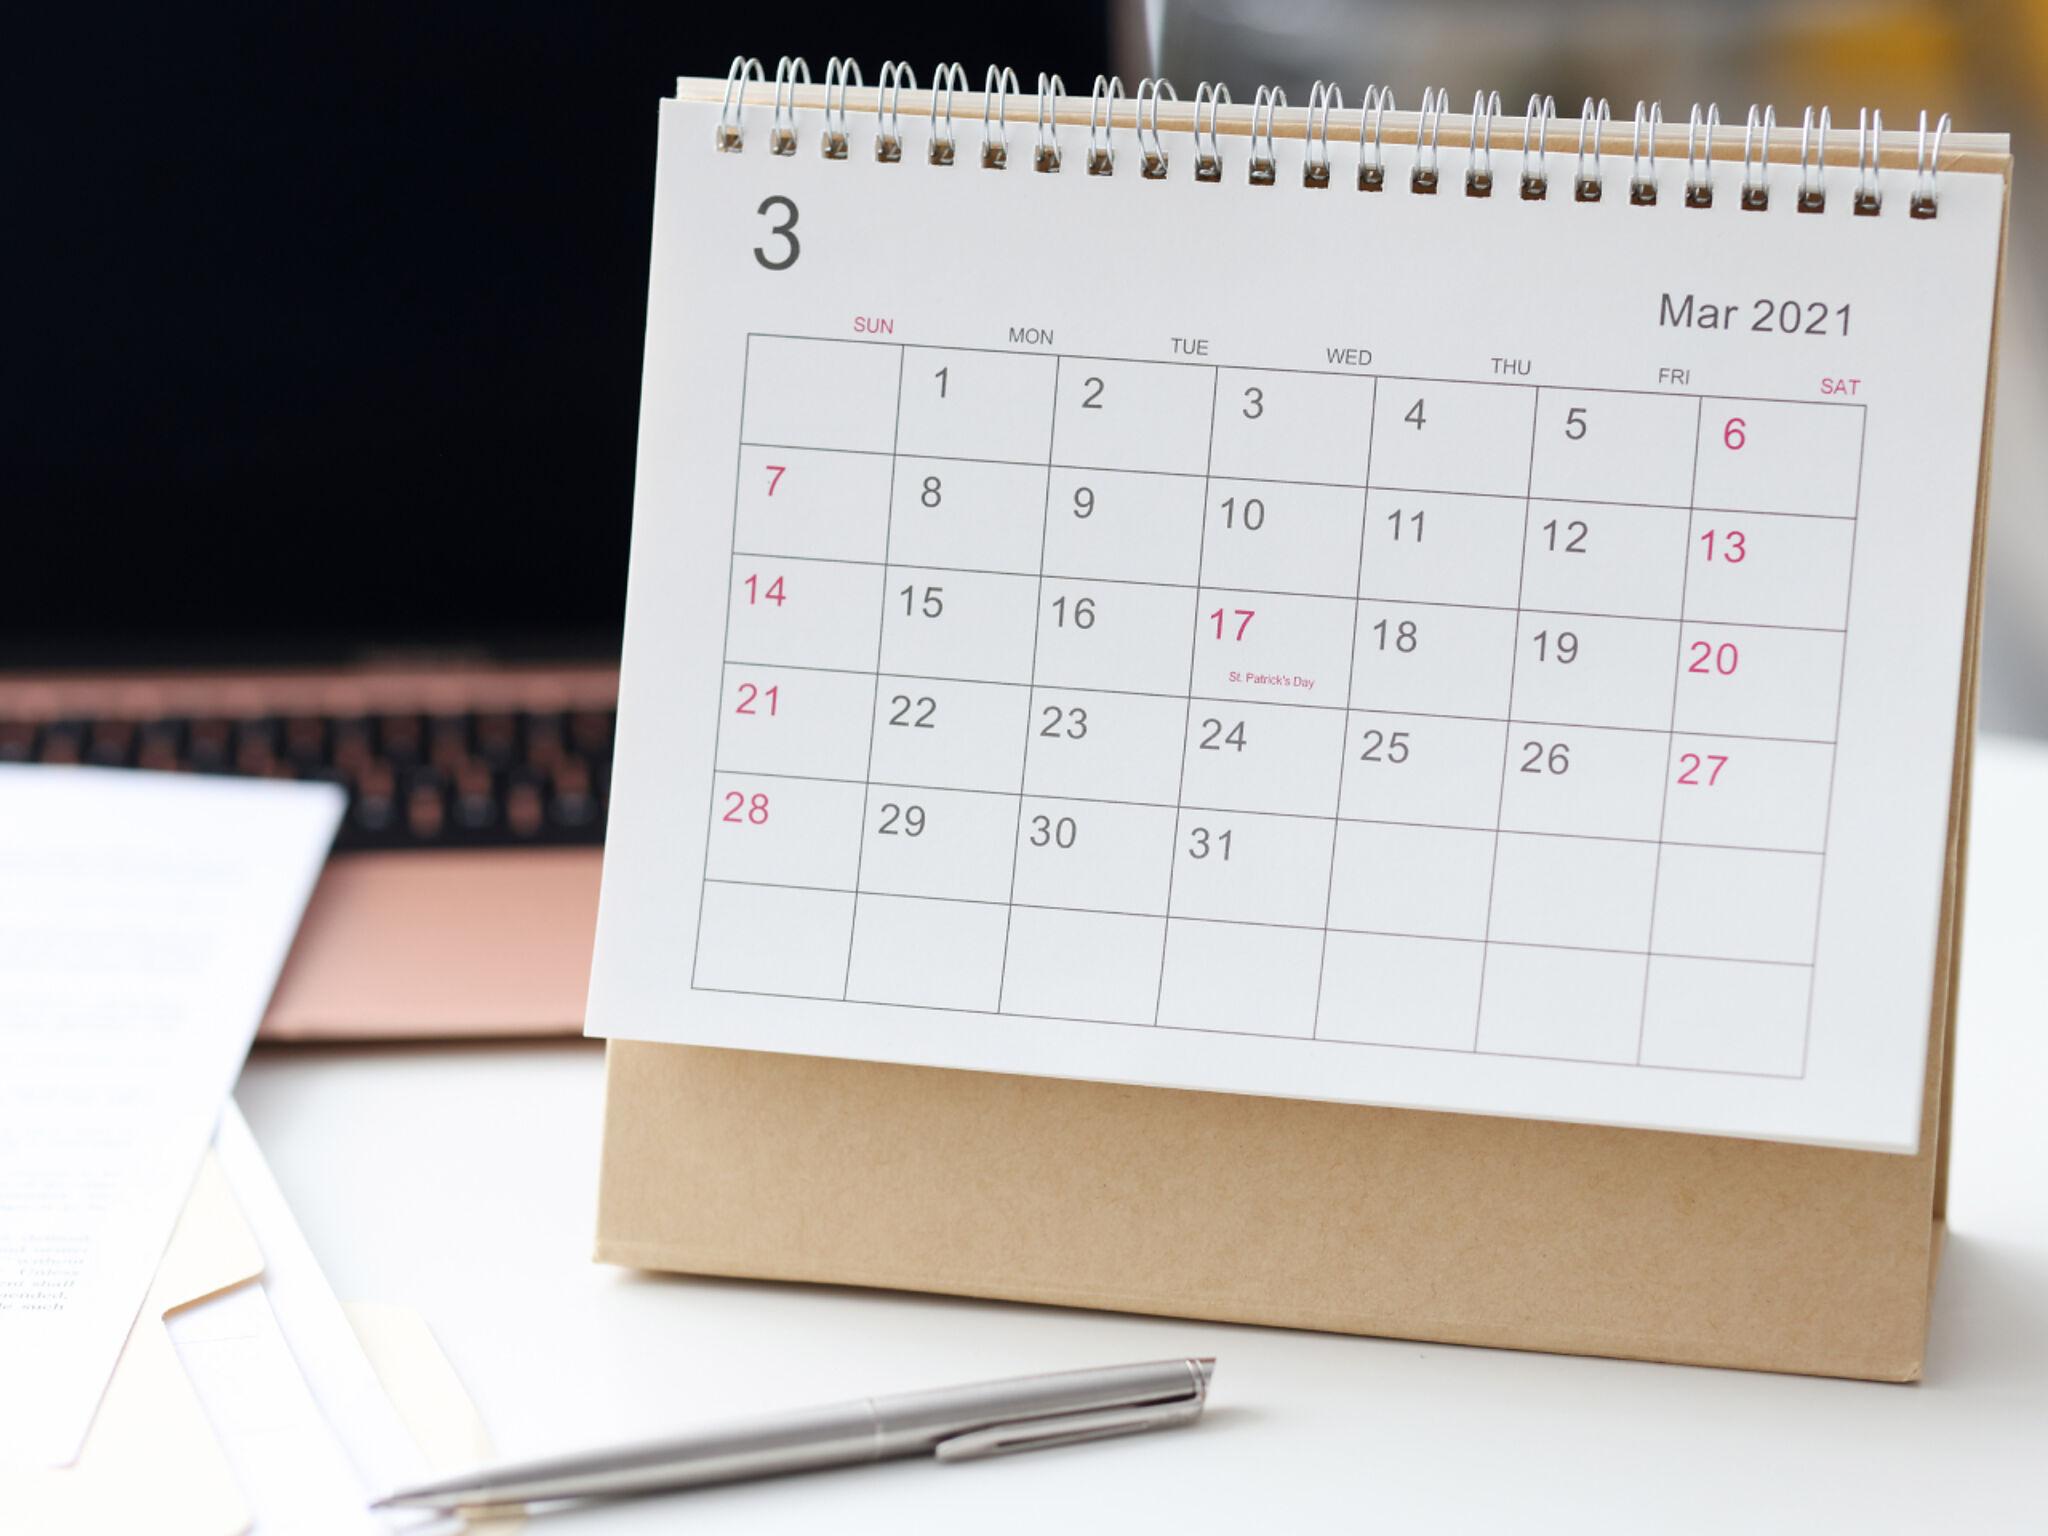 カレンダーのPCとペンの画像